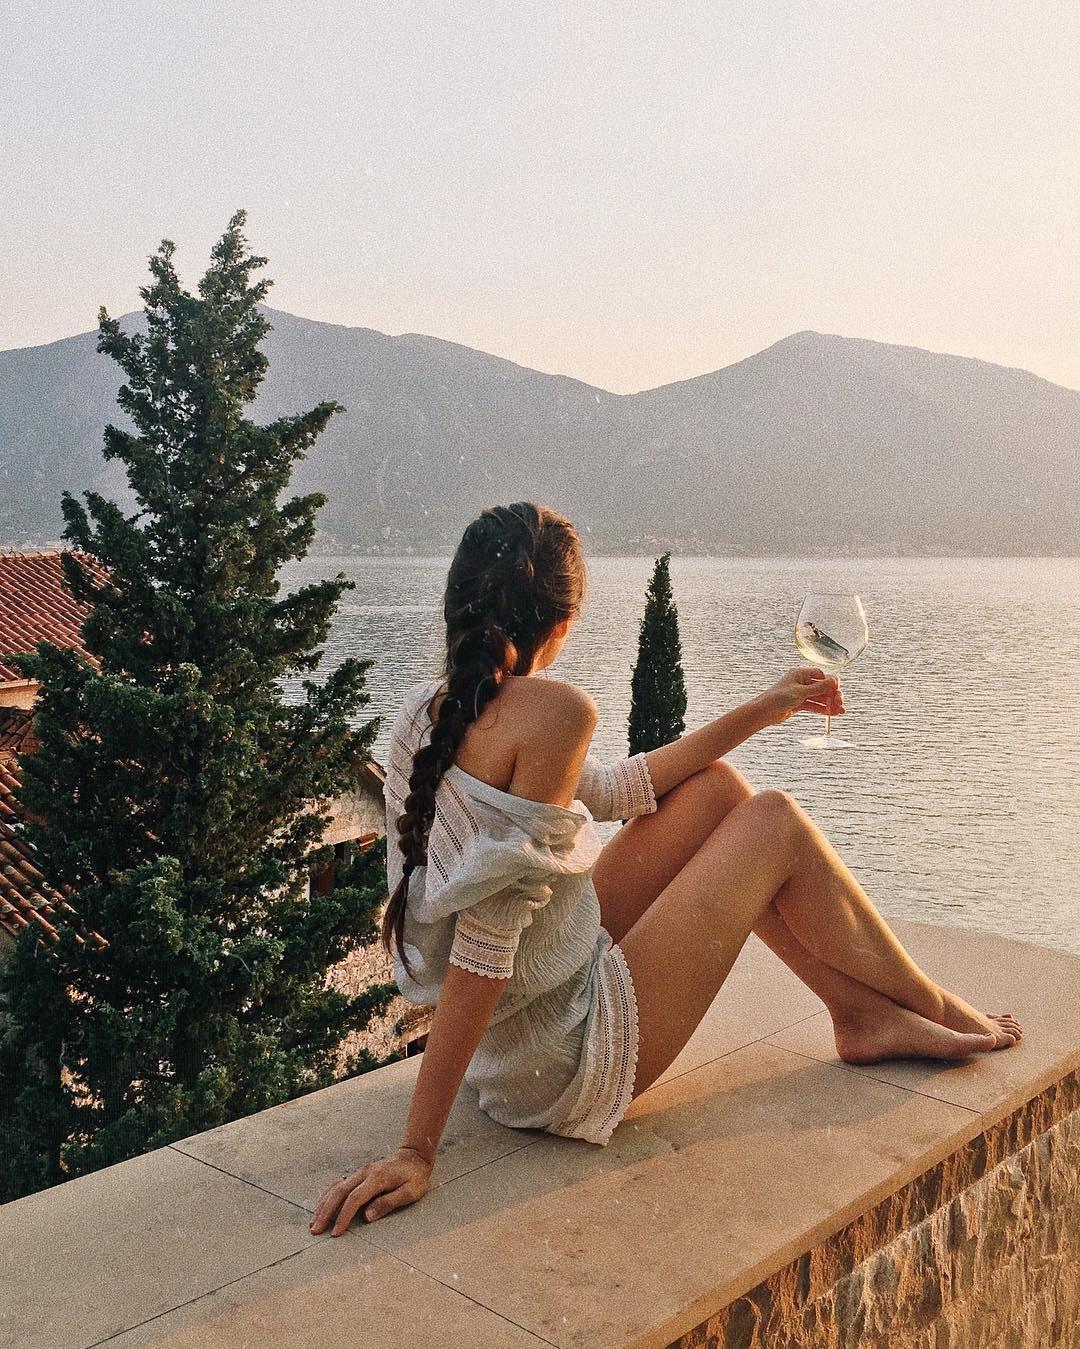 lugares altos, paisagens e drinks